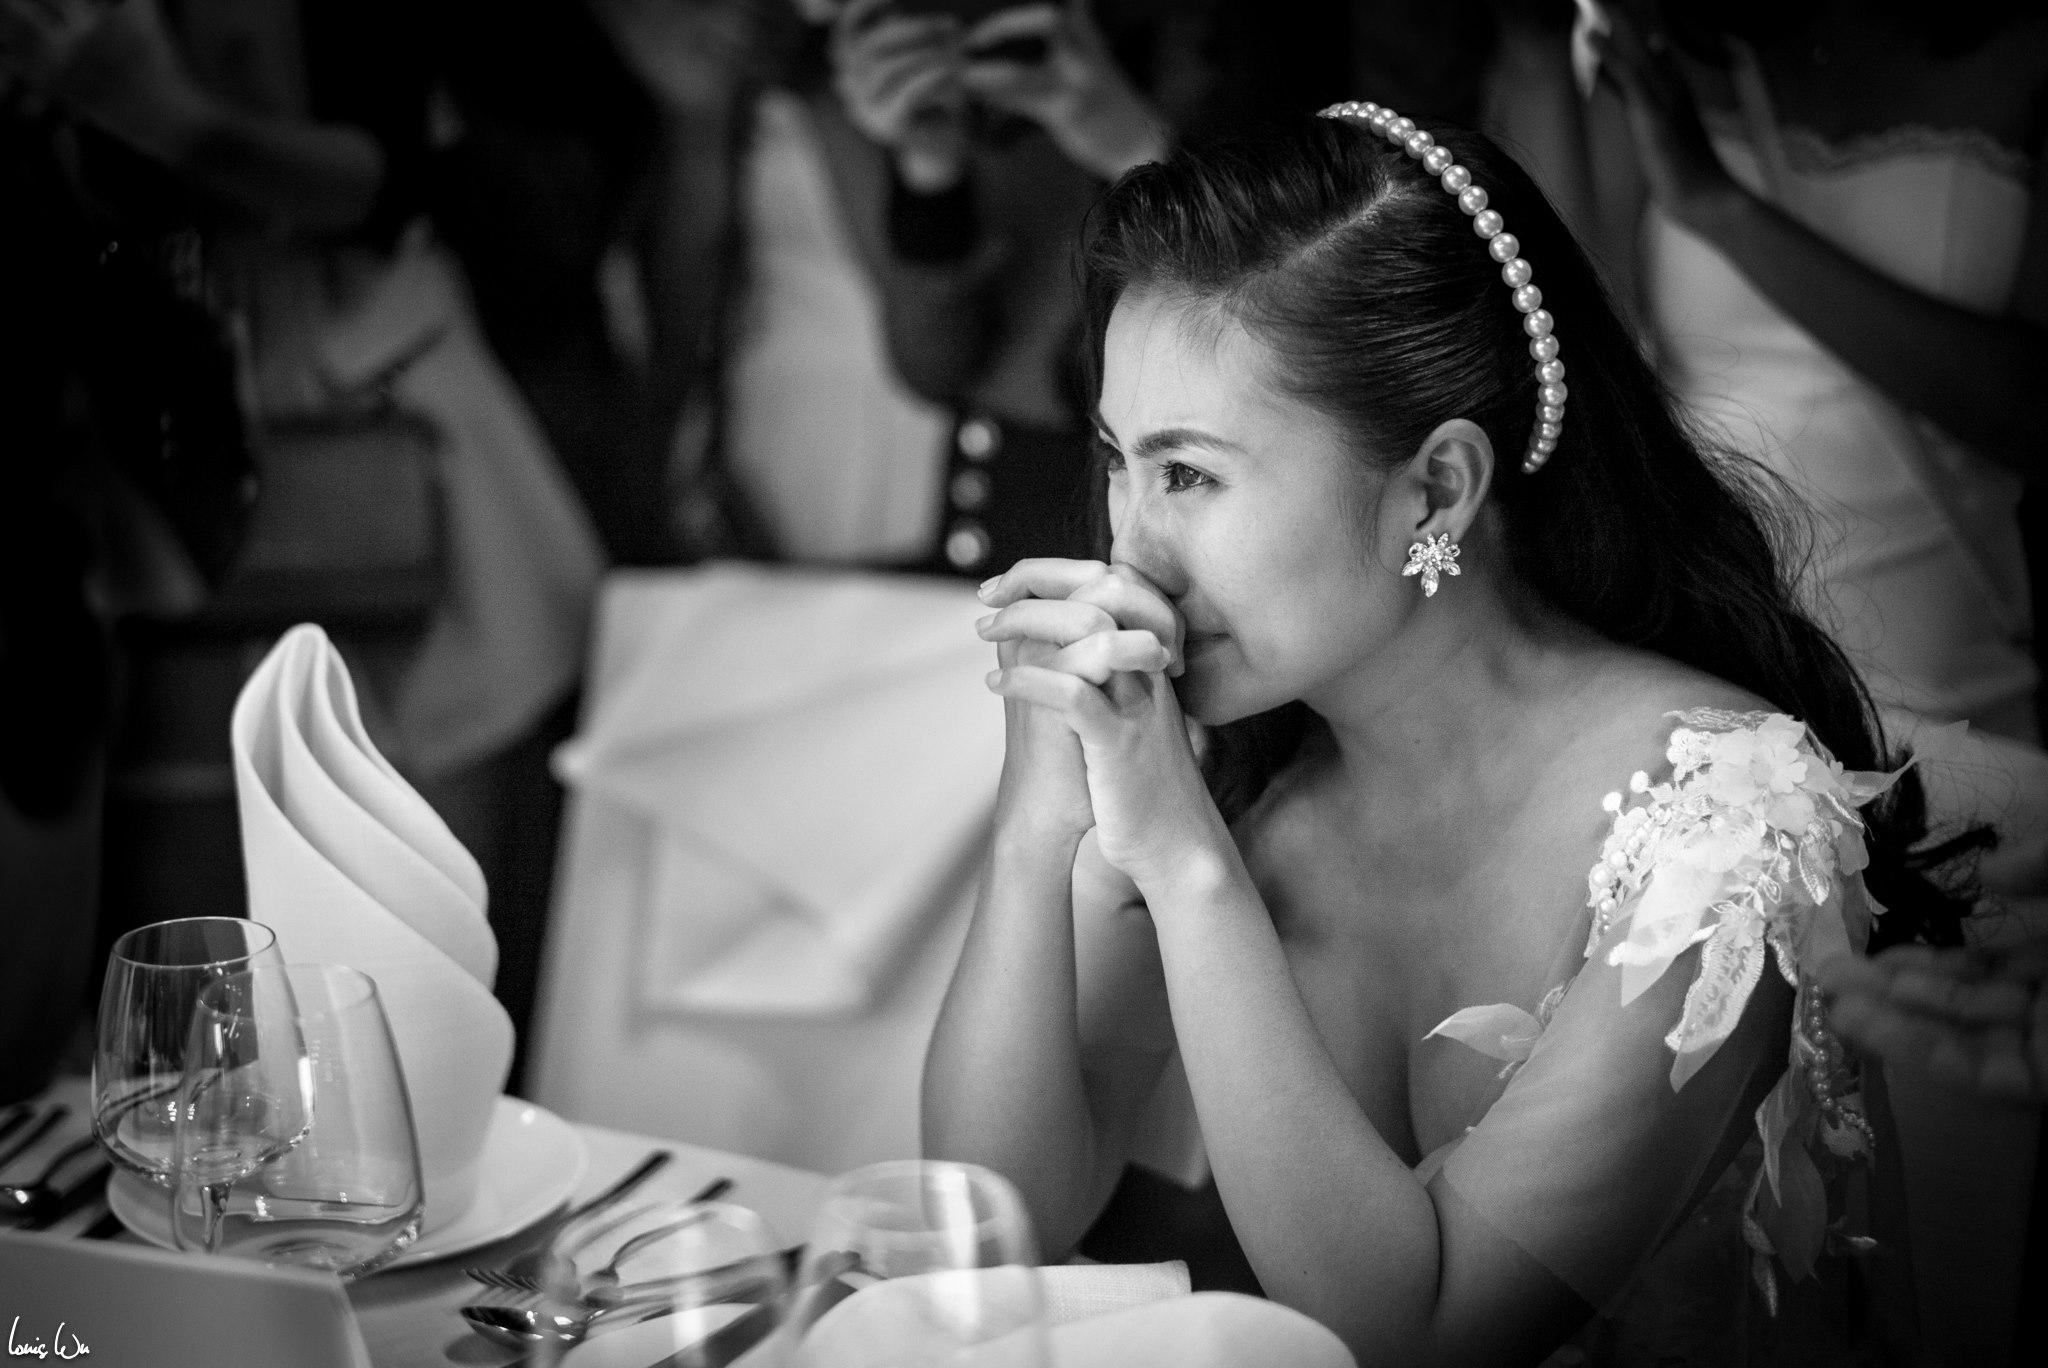 DV Ngọc Lan khóc khi nghe chú rể Thanh Bình chia sẻ những kỷ niệm đã qua của 2 người.